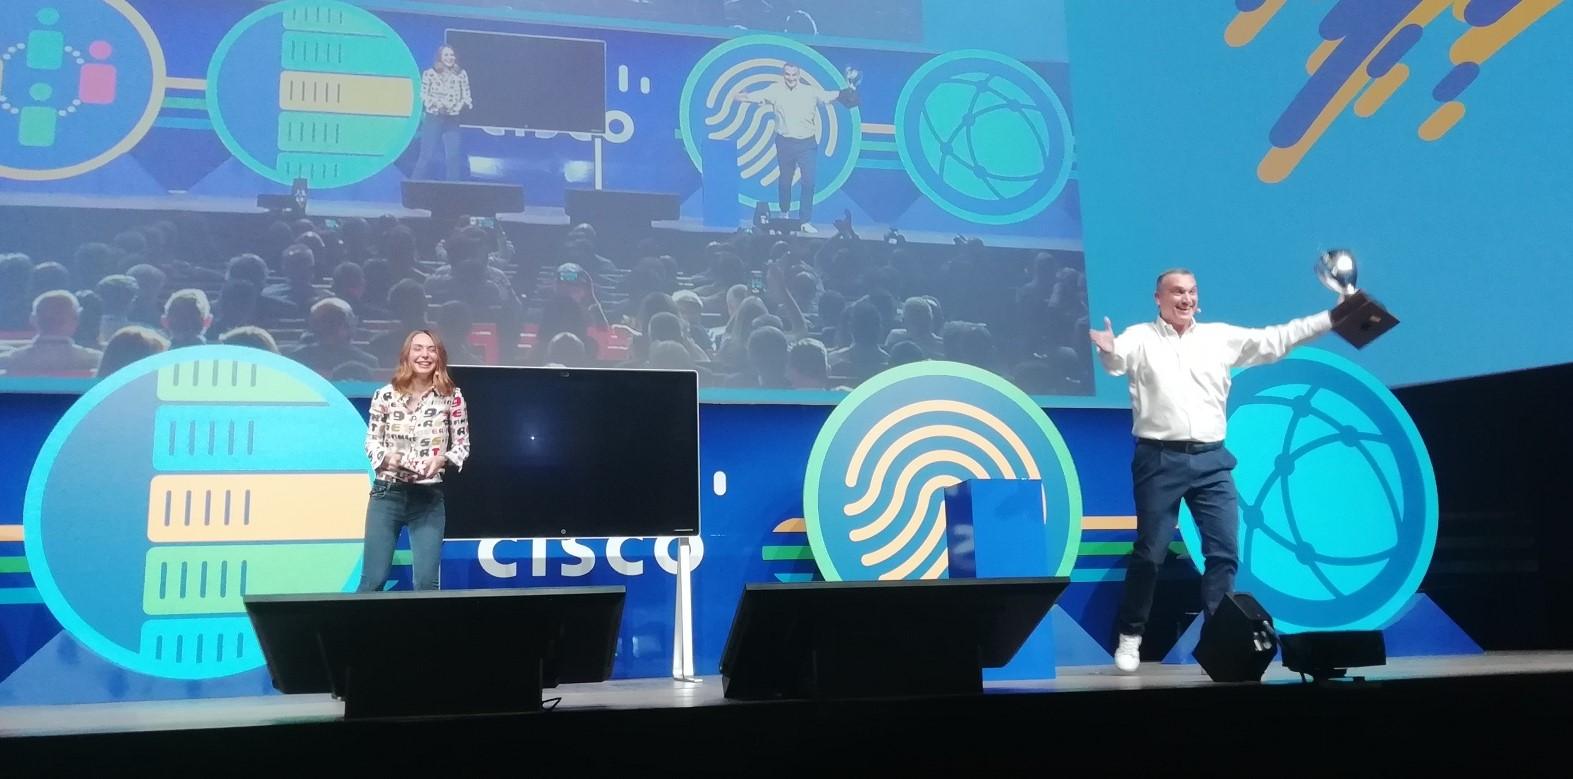 Giorgio Campatelli, partner organizazion leader Cisco Italia